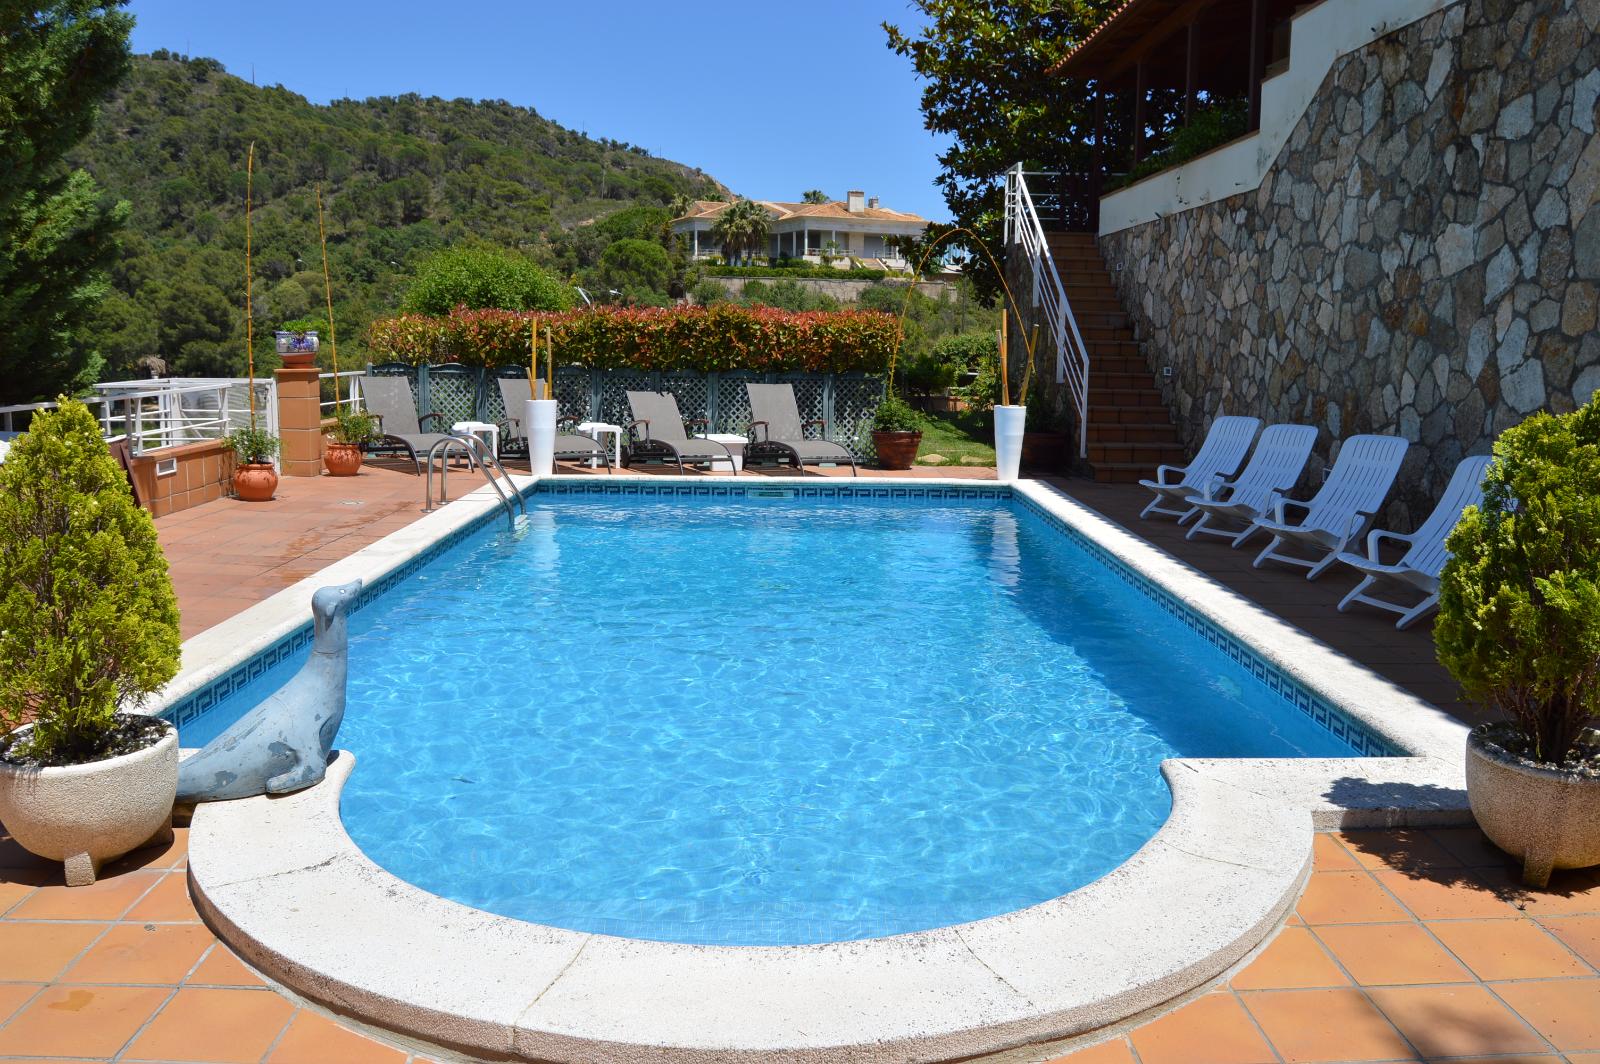 Вилла Принцесса3.577 евро/недПросторная вилла 4 спальни, 8 спальных мест, г Тосса де Мар, центр города, с панорамным видом на море